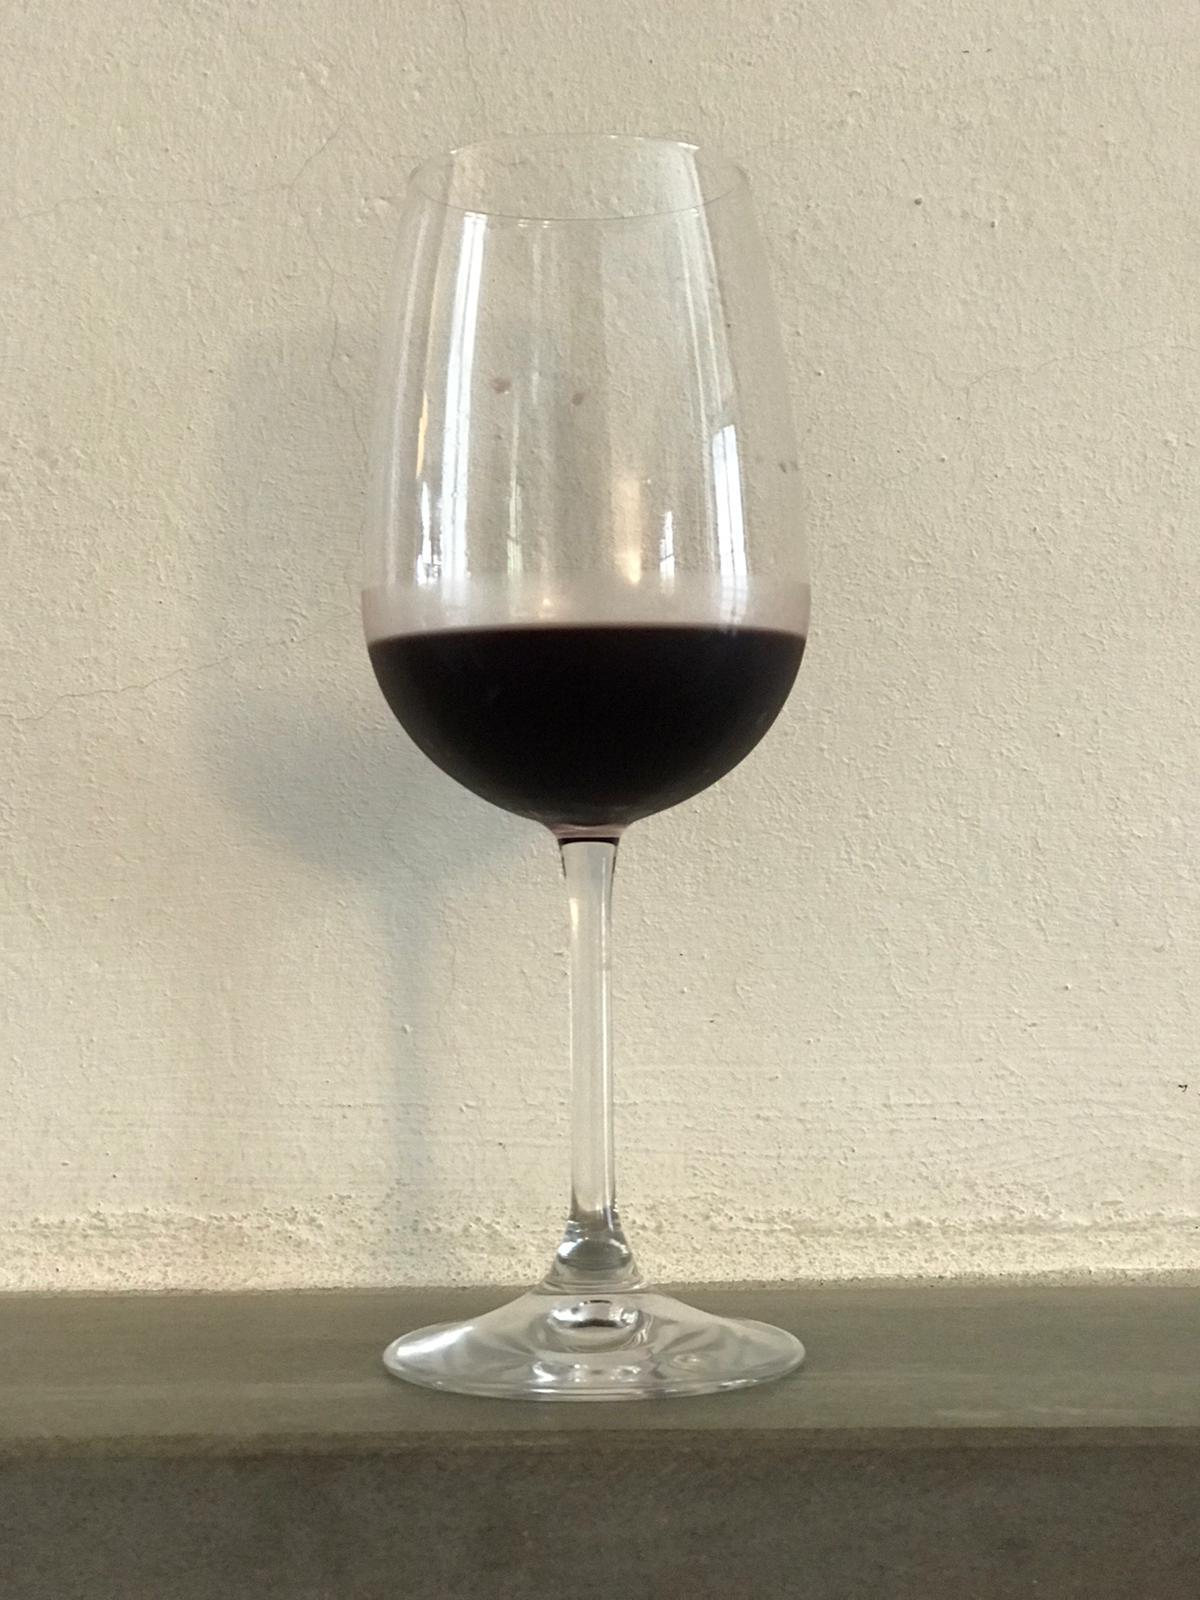 La quantità ideale di vino rosso in un bicchiere